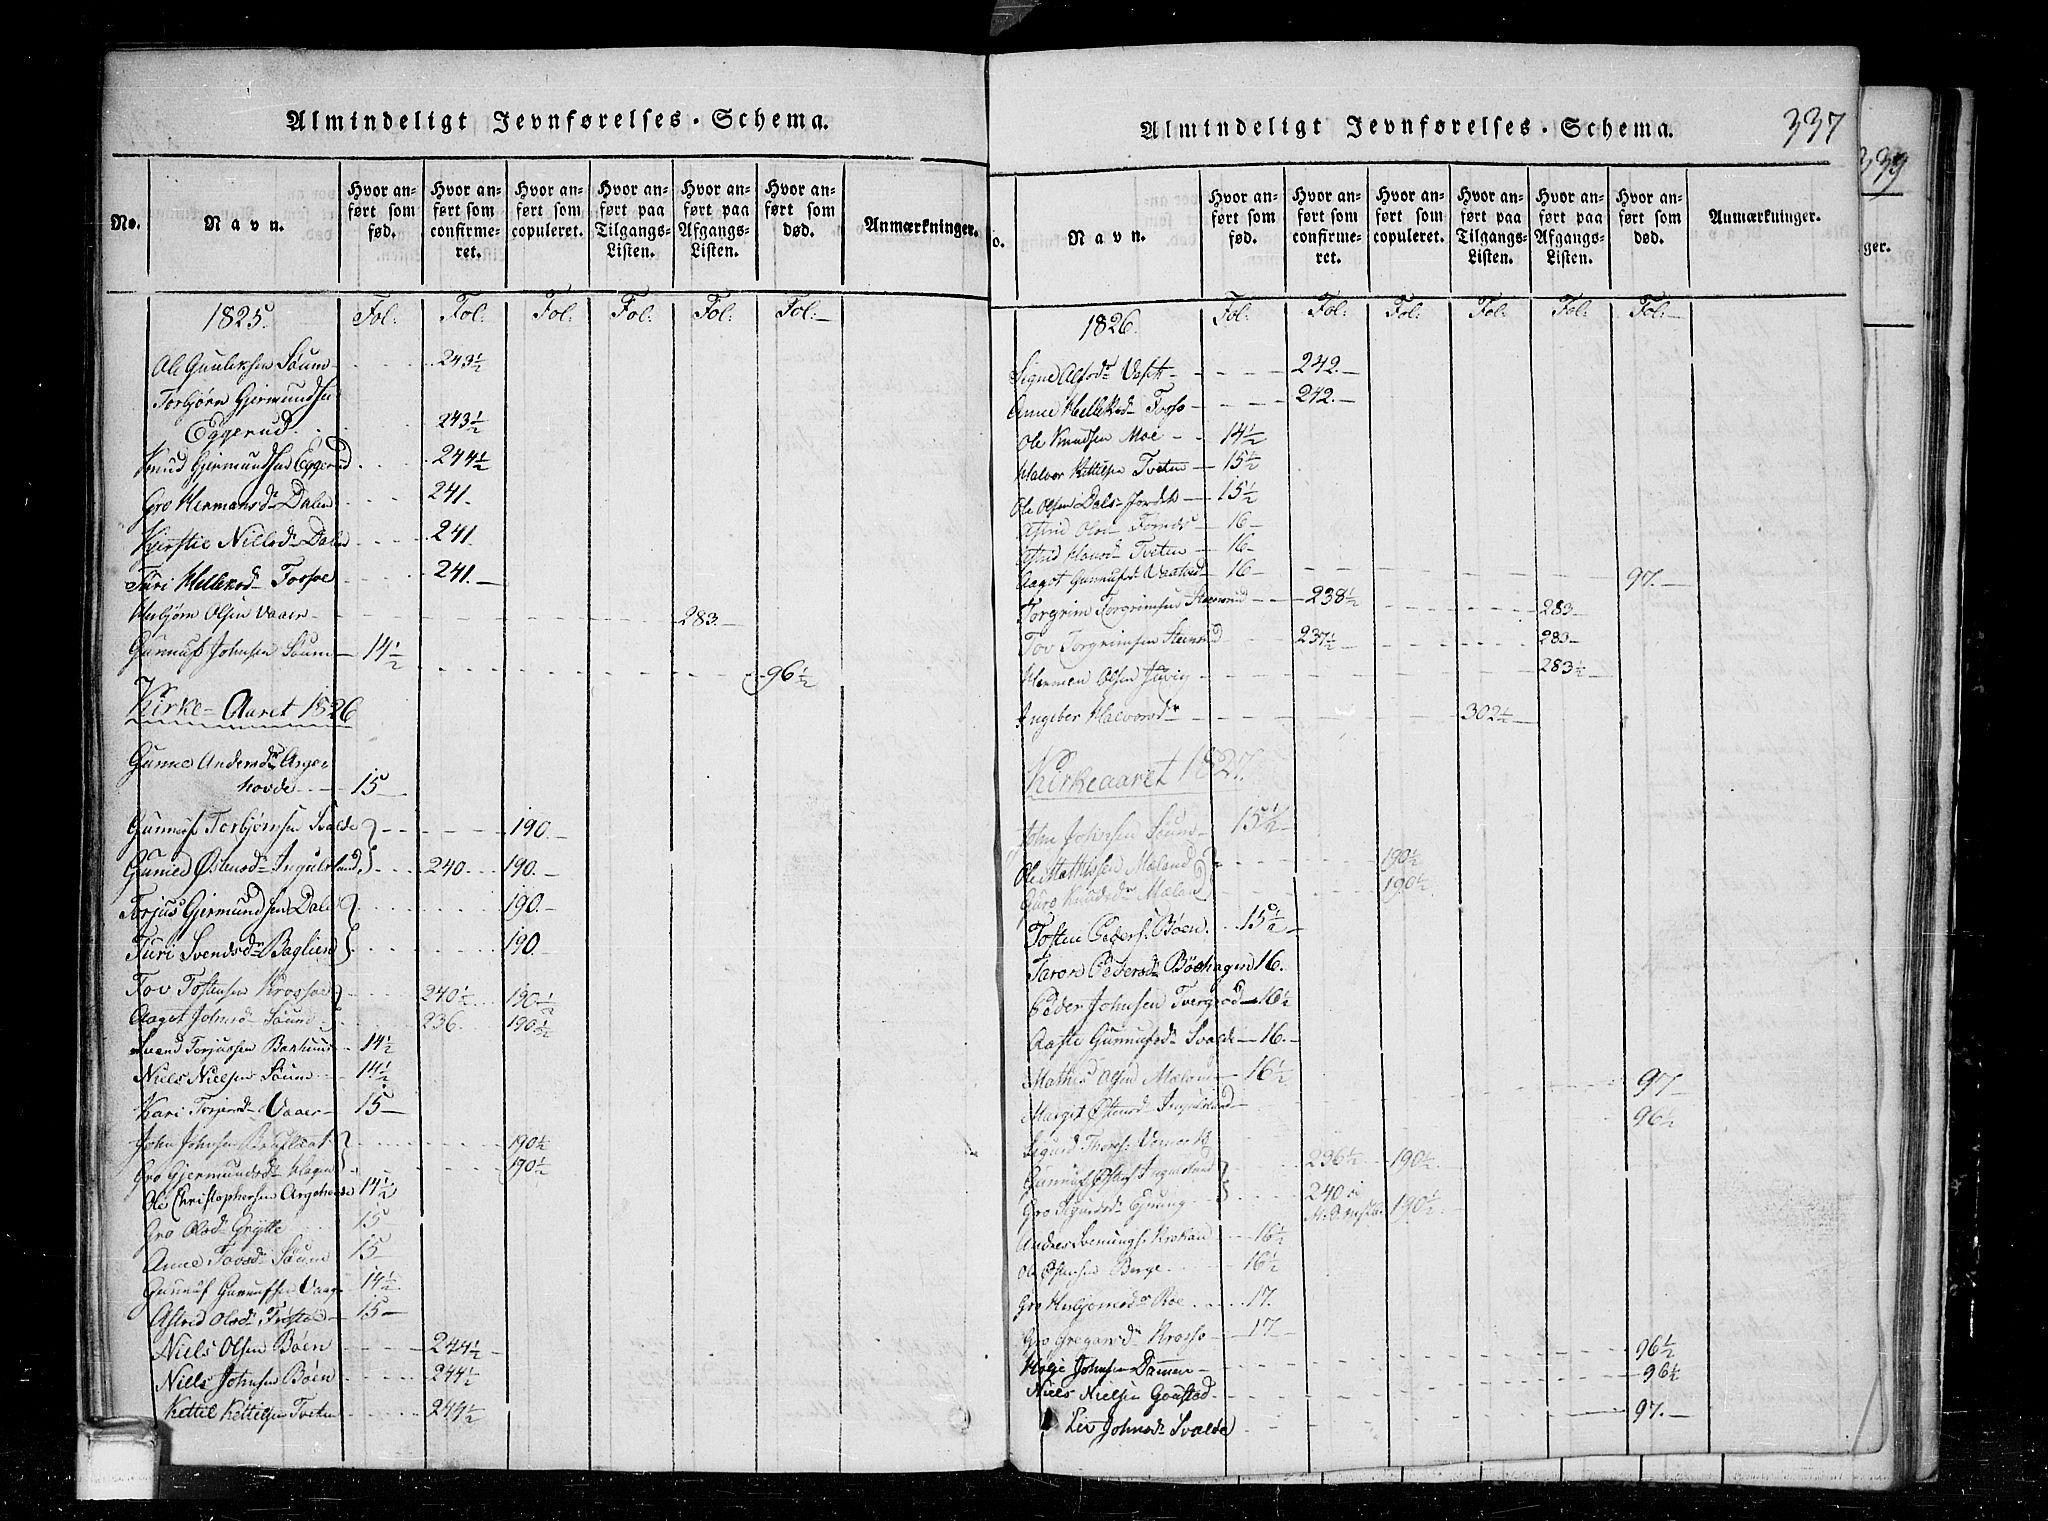 SAKO, Tinn kirkebøker, G/Gc/L0001: Klokkerbok nr. III 1, 1815-1879, s. 337